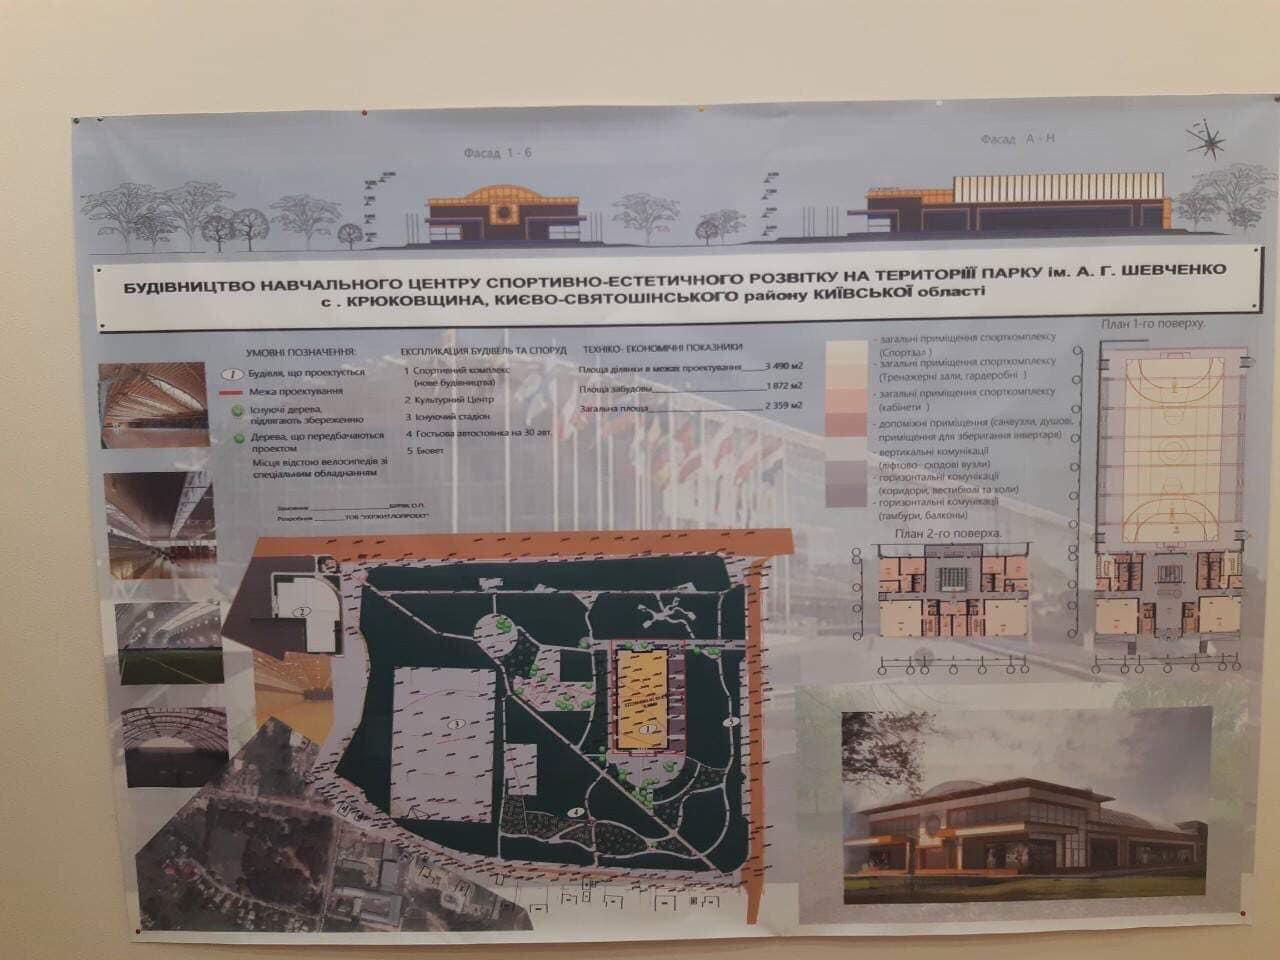 52141343_987990591400791_1416991302444122112_o На Київщині планують будівництво спортивного центру